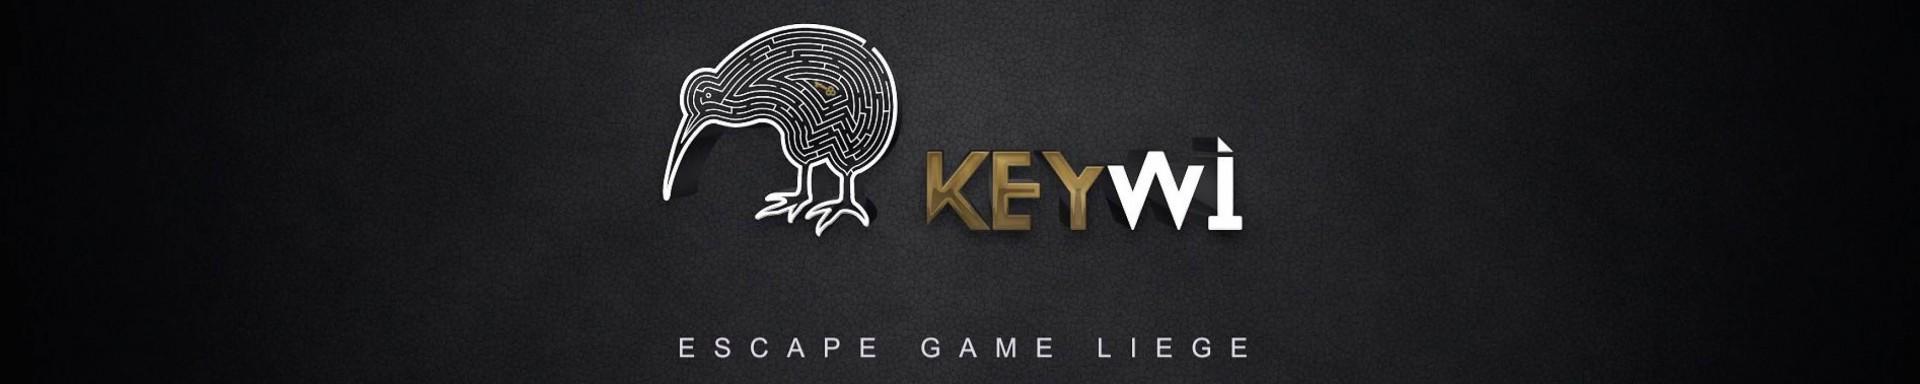 Voyagez… en toute sécurité - Keywi Escape Game Liège